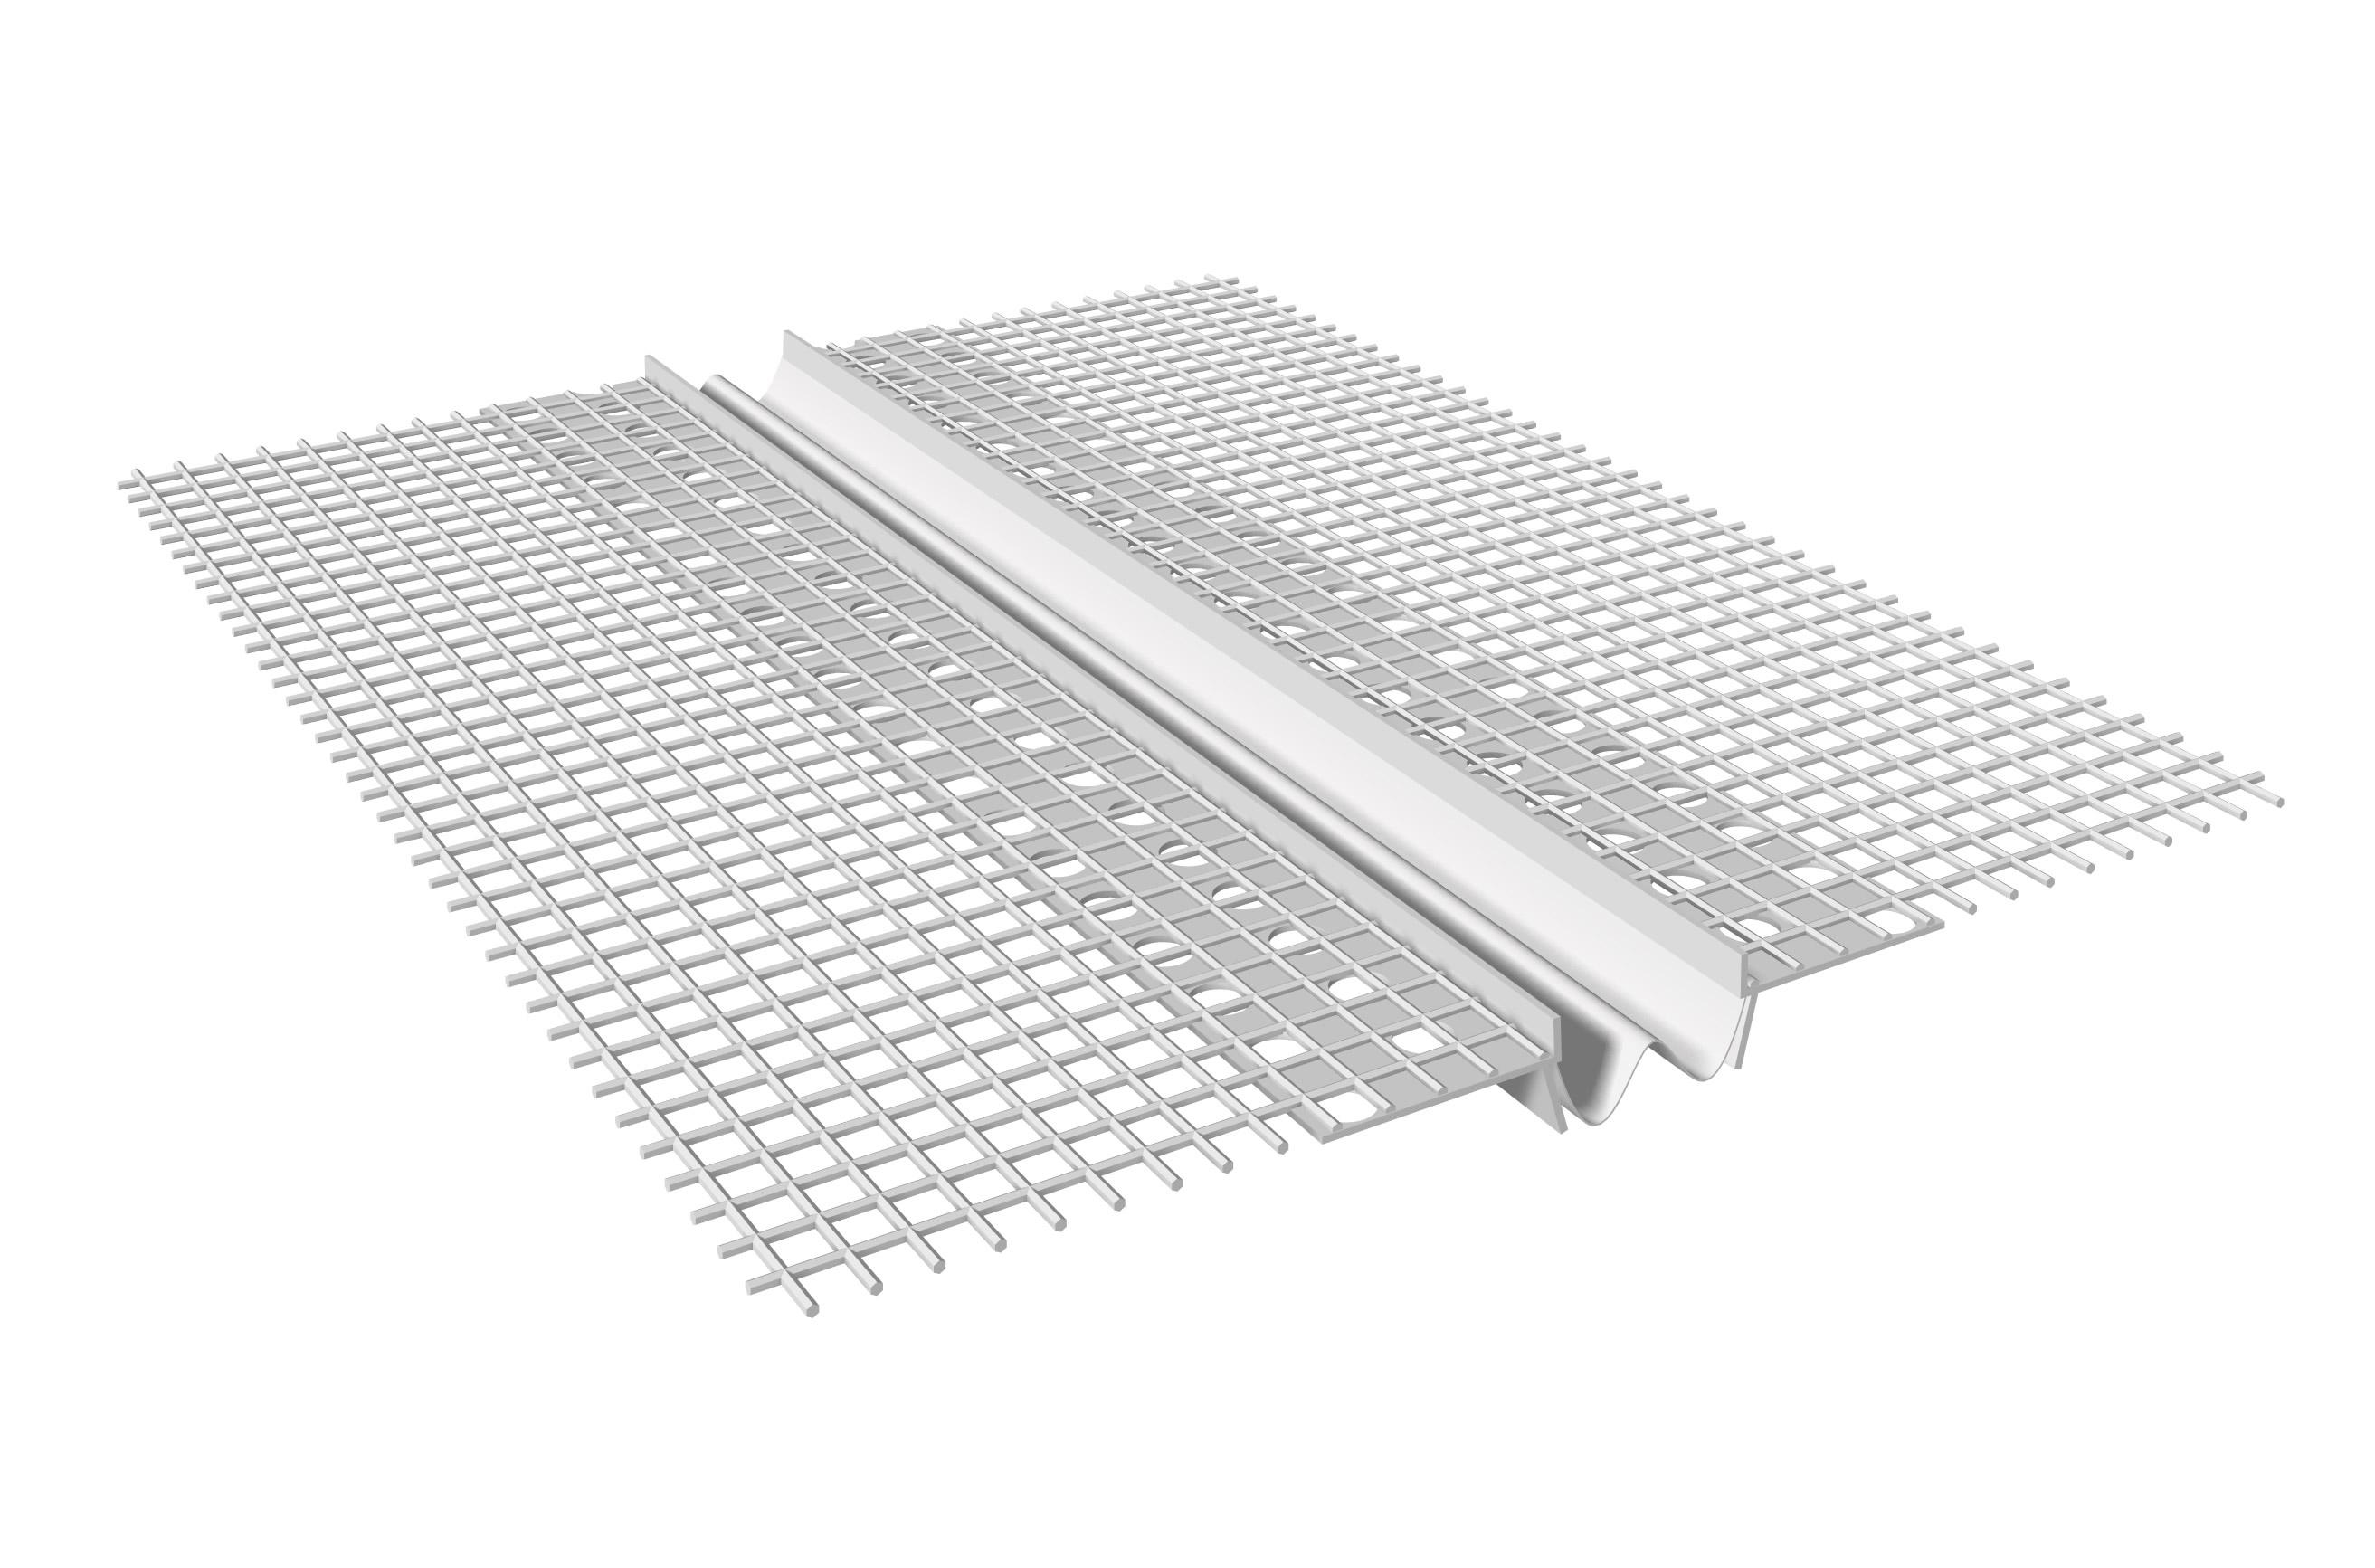 JUNTA DE DILATAÇÃO VERTICAL EM PVC: Junta de dilatação em PVC com rede de fibra de vidro pré-colada